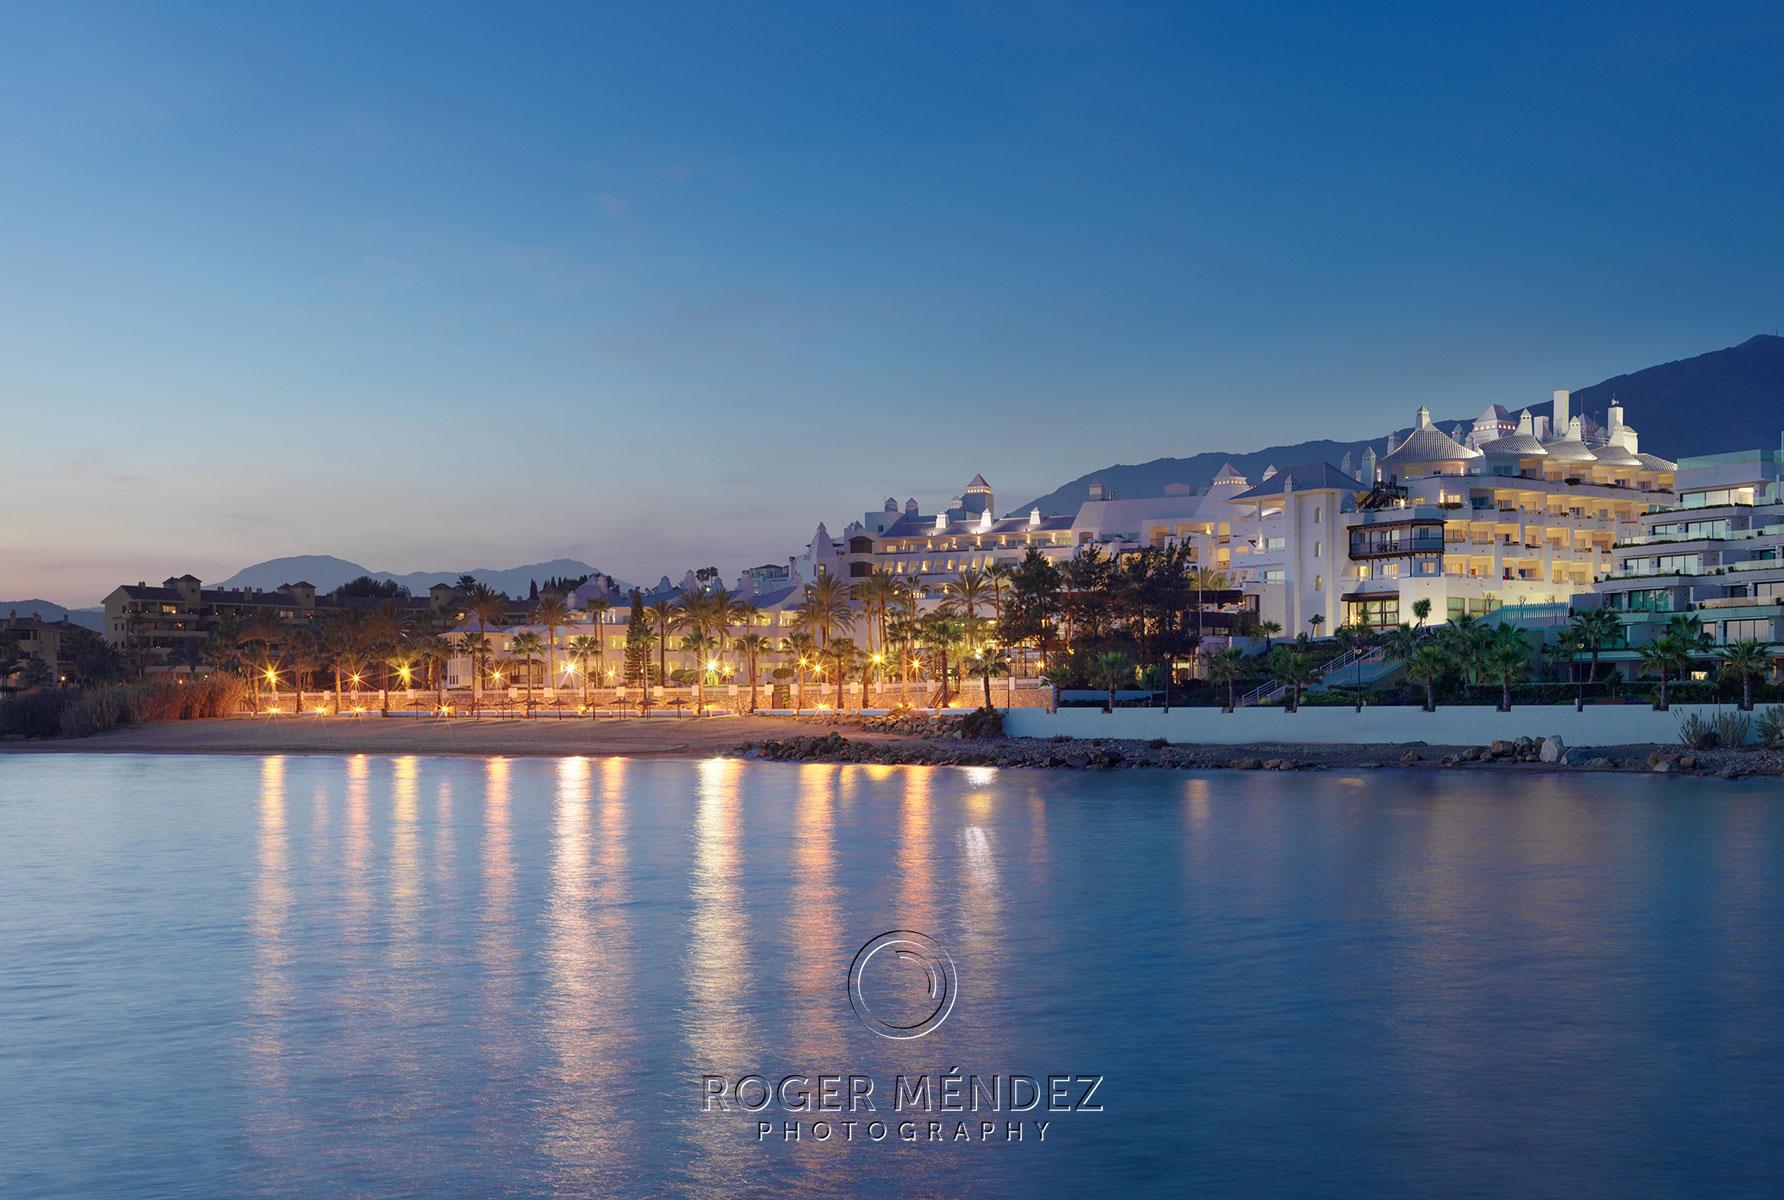 Fotografía vista al anochecer del H10 Estepona Palace desde el mar